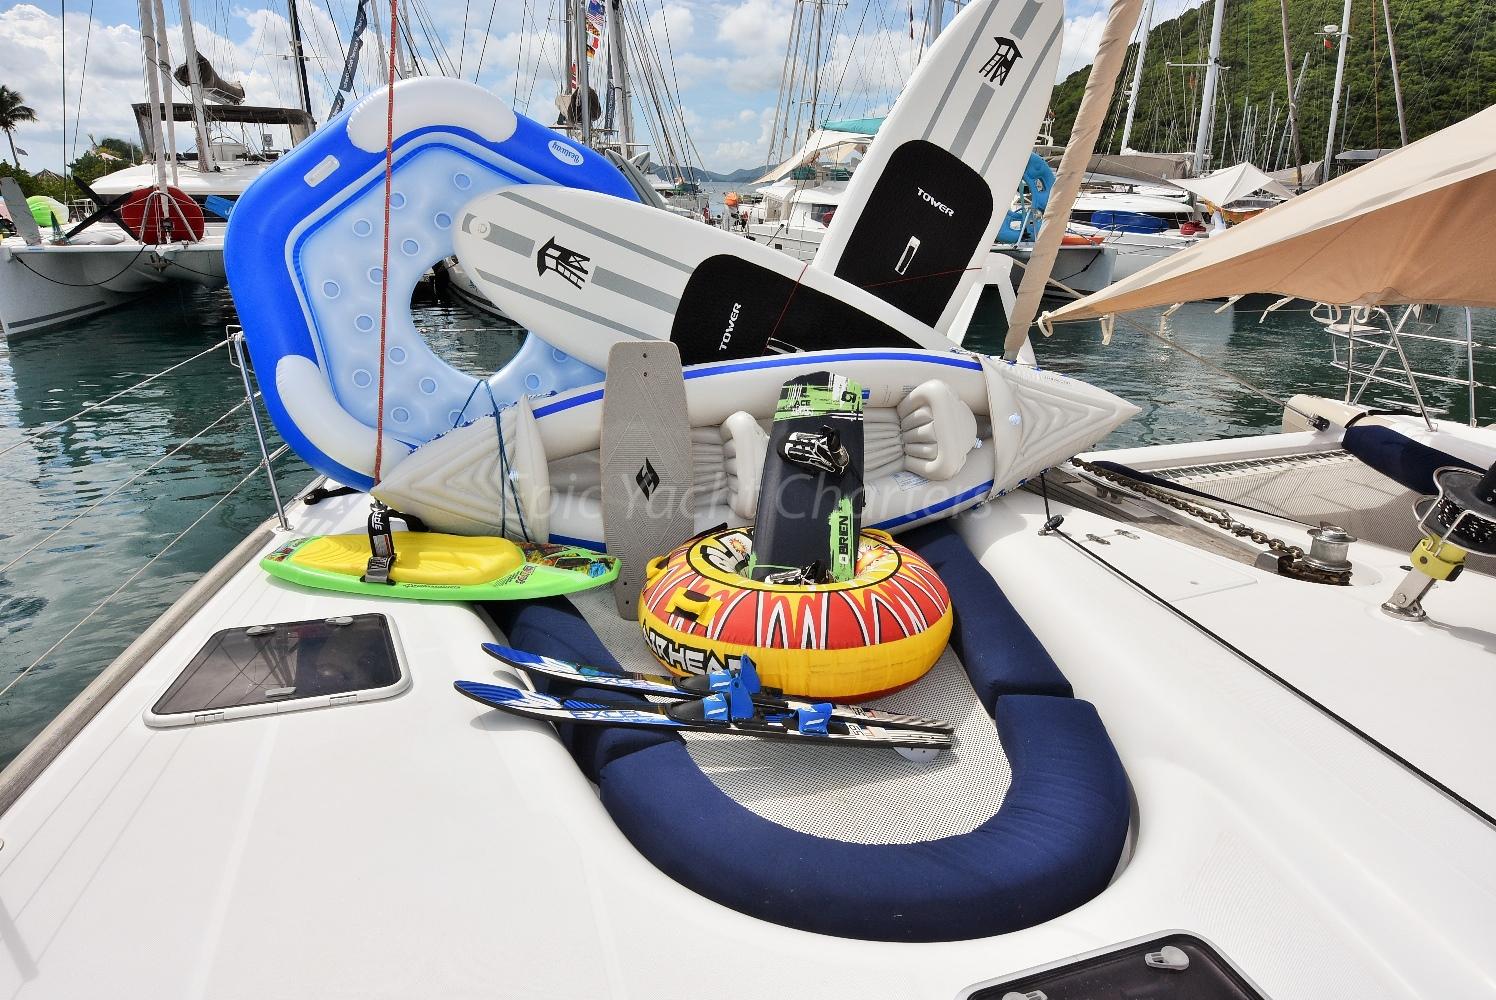 catamaran_xenia62_watertoys